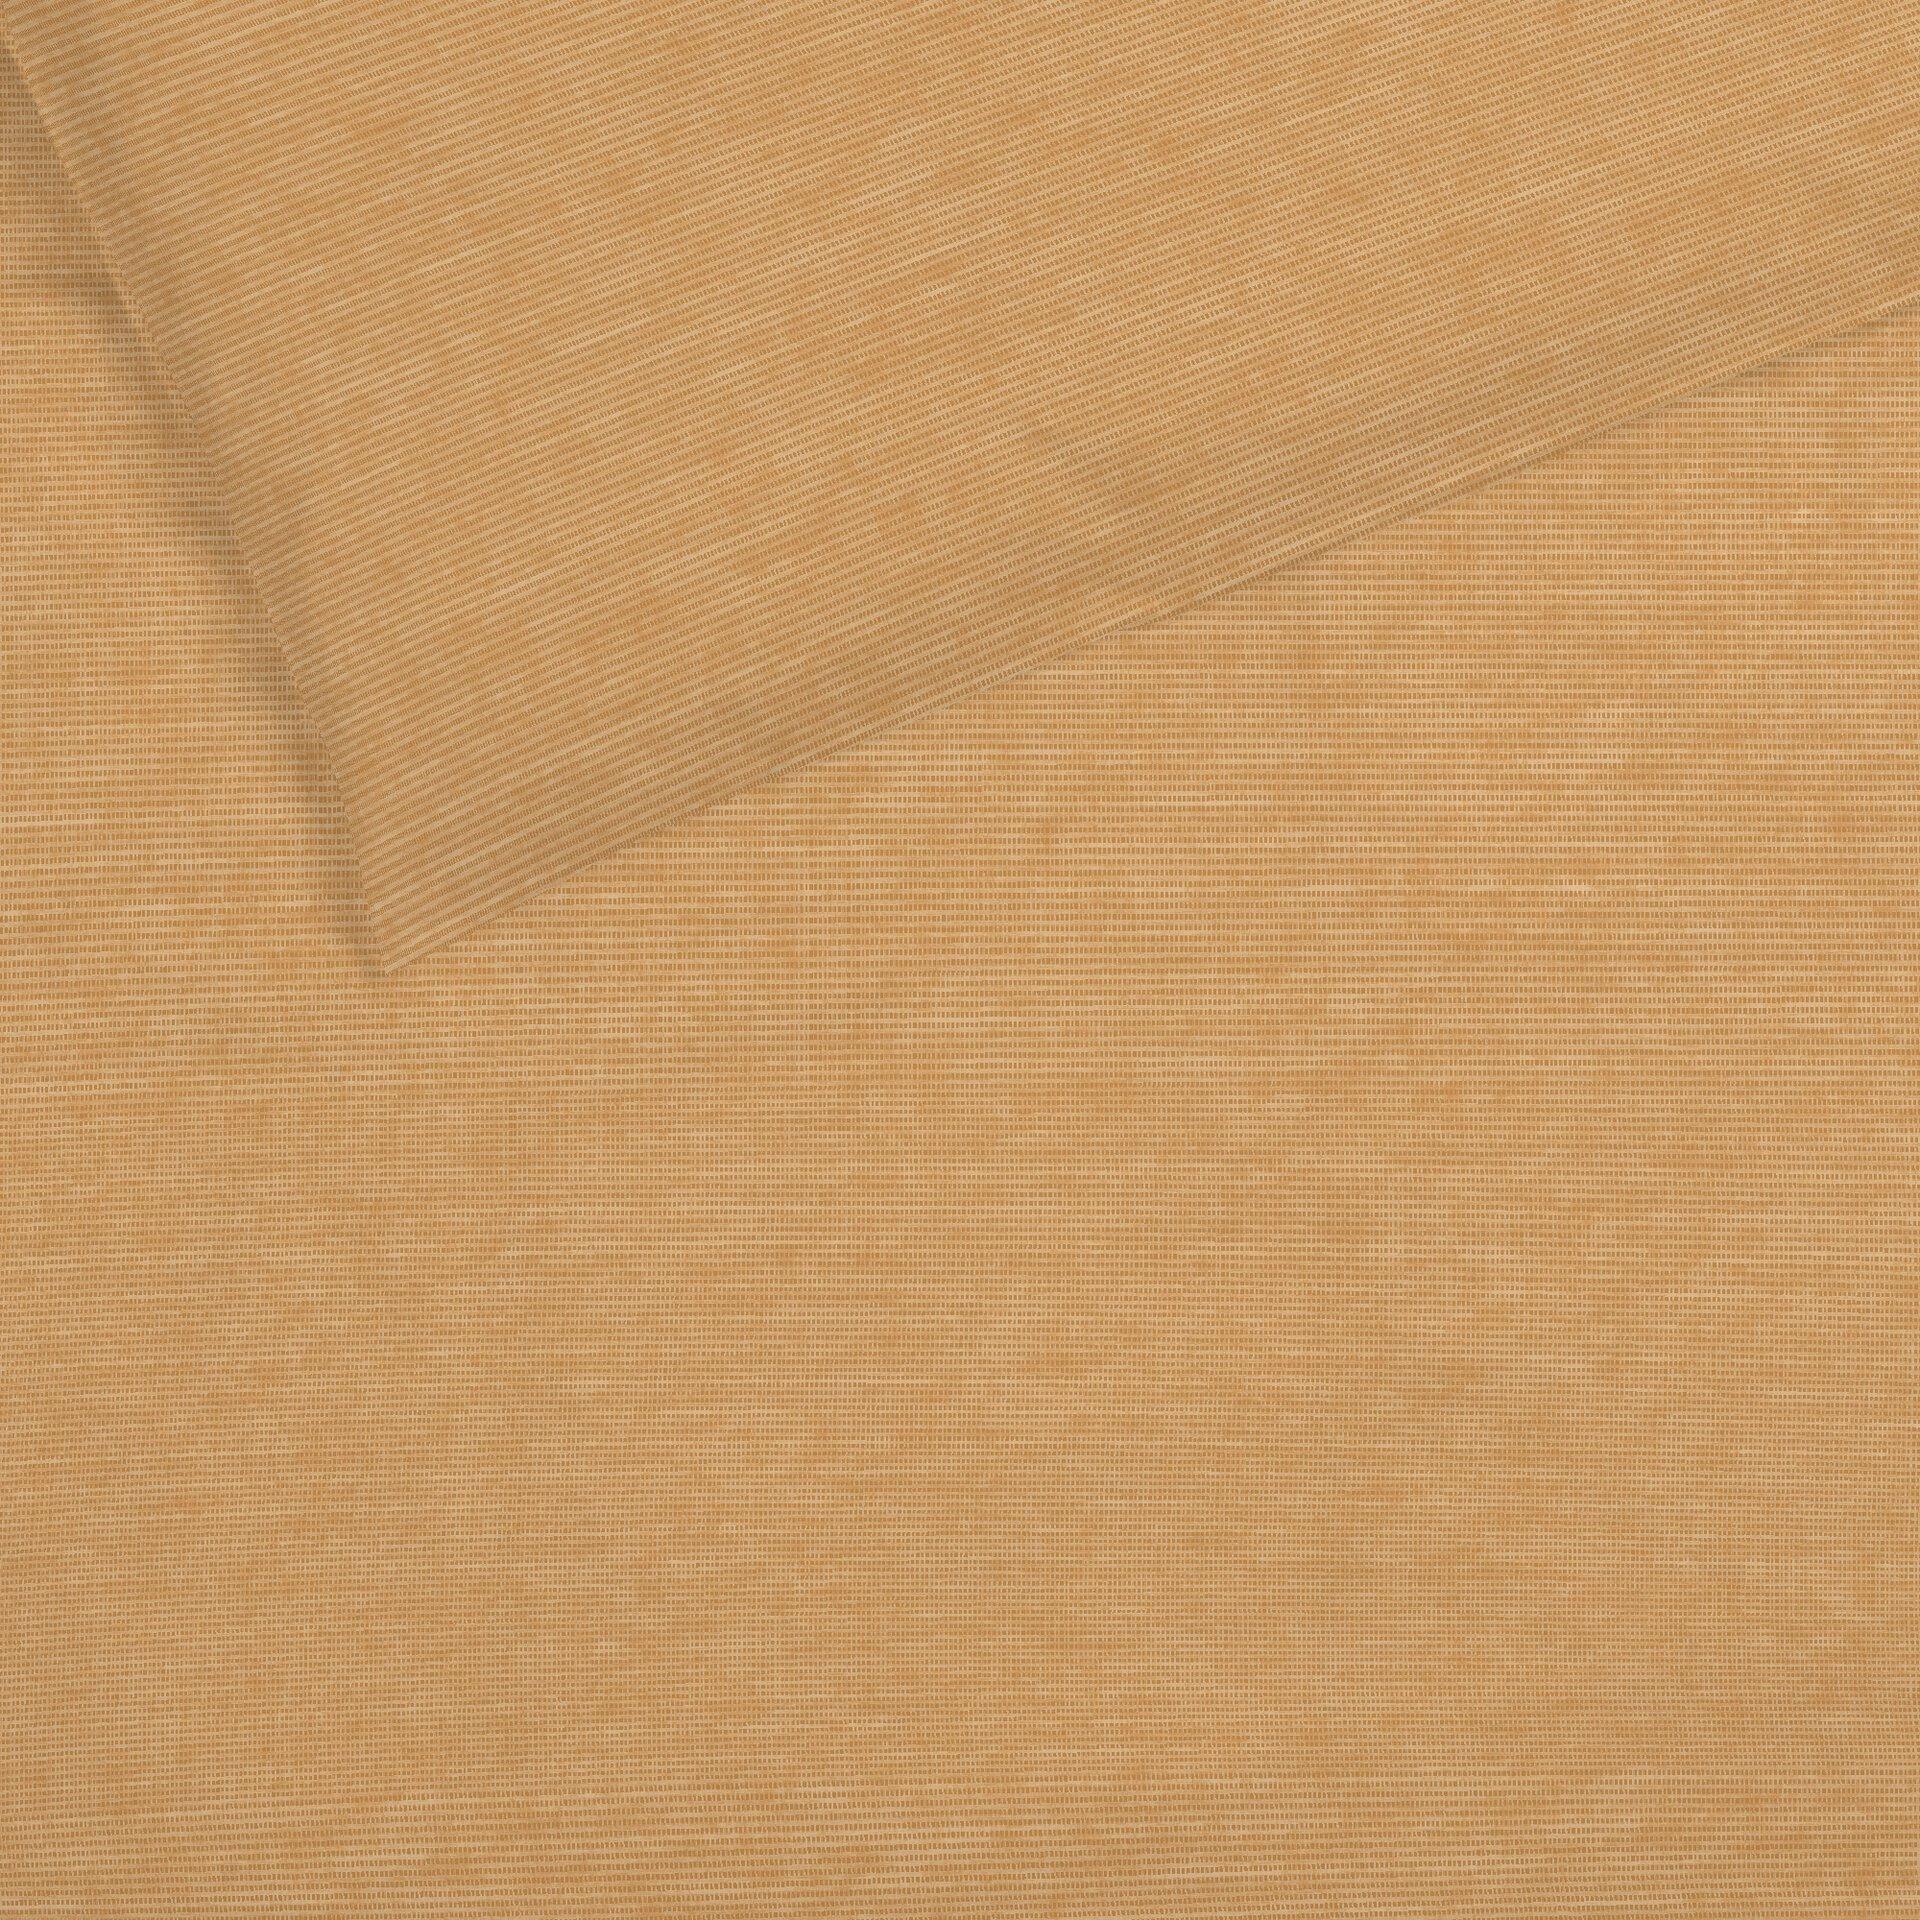 Satin-Bettwäsche Select Schlafgut Textil gold 135 x 200 cm